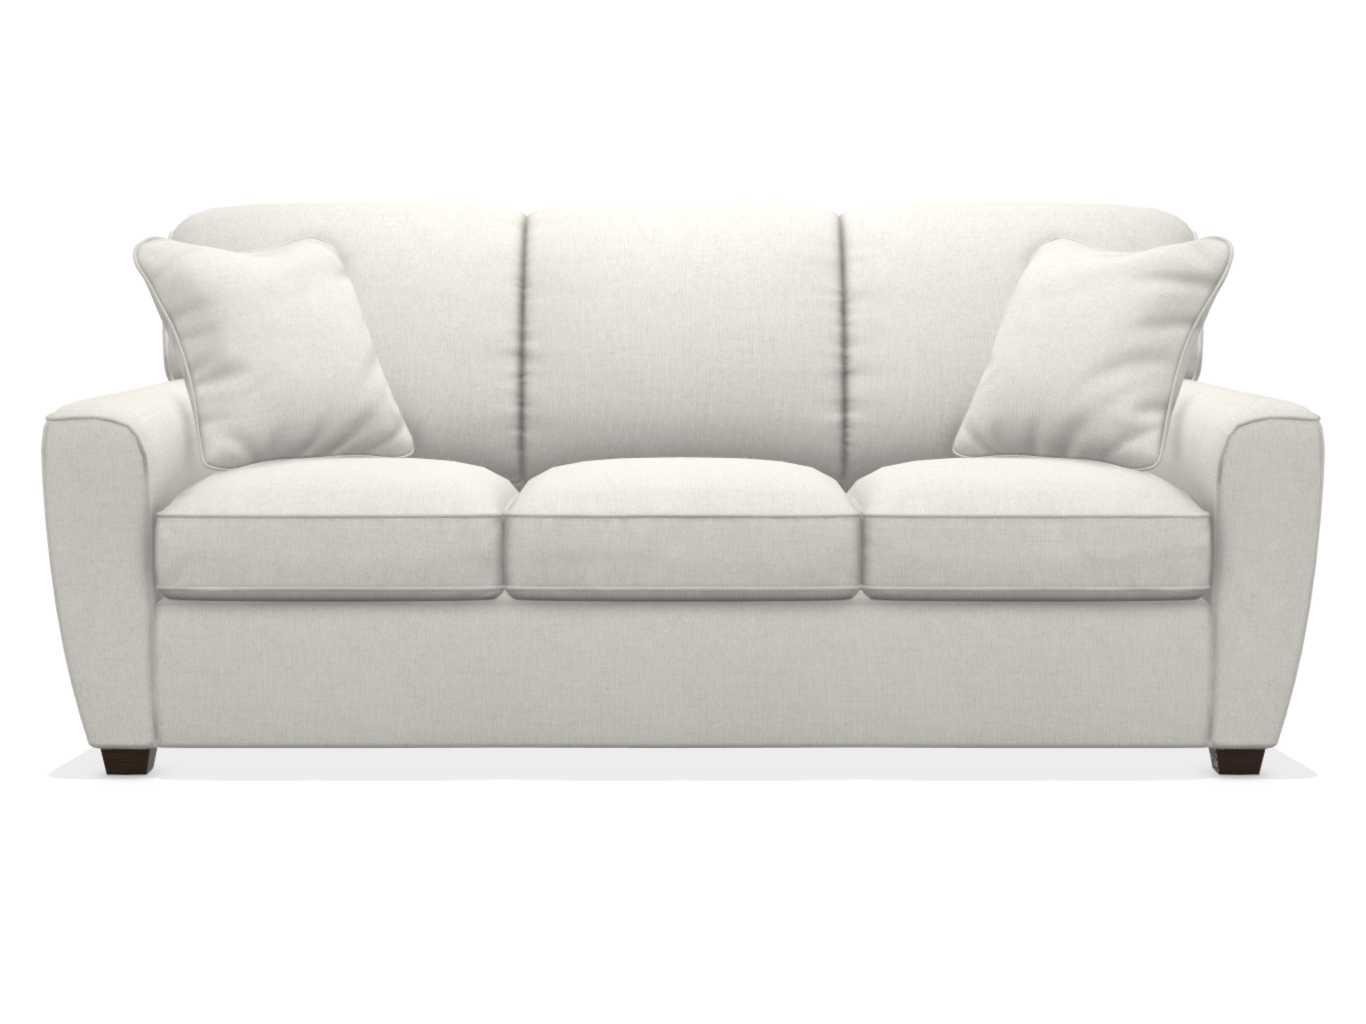 Piper Supreme-Comfort Queen Sleep Sofa